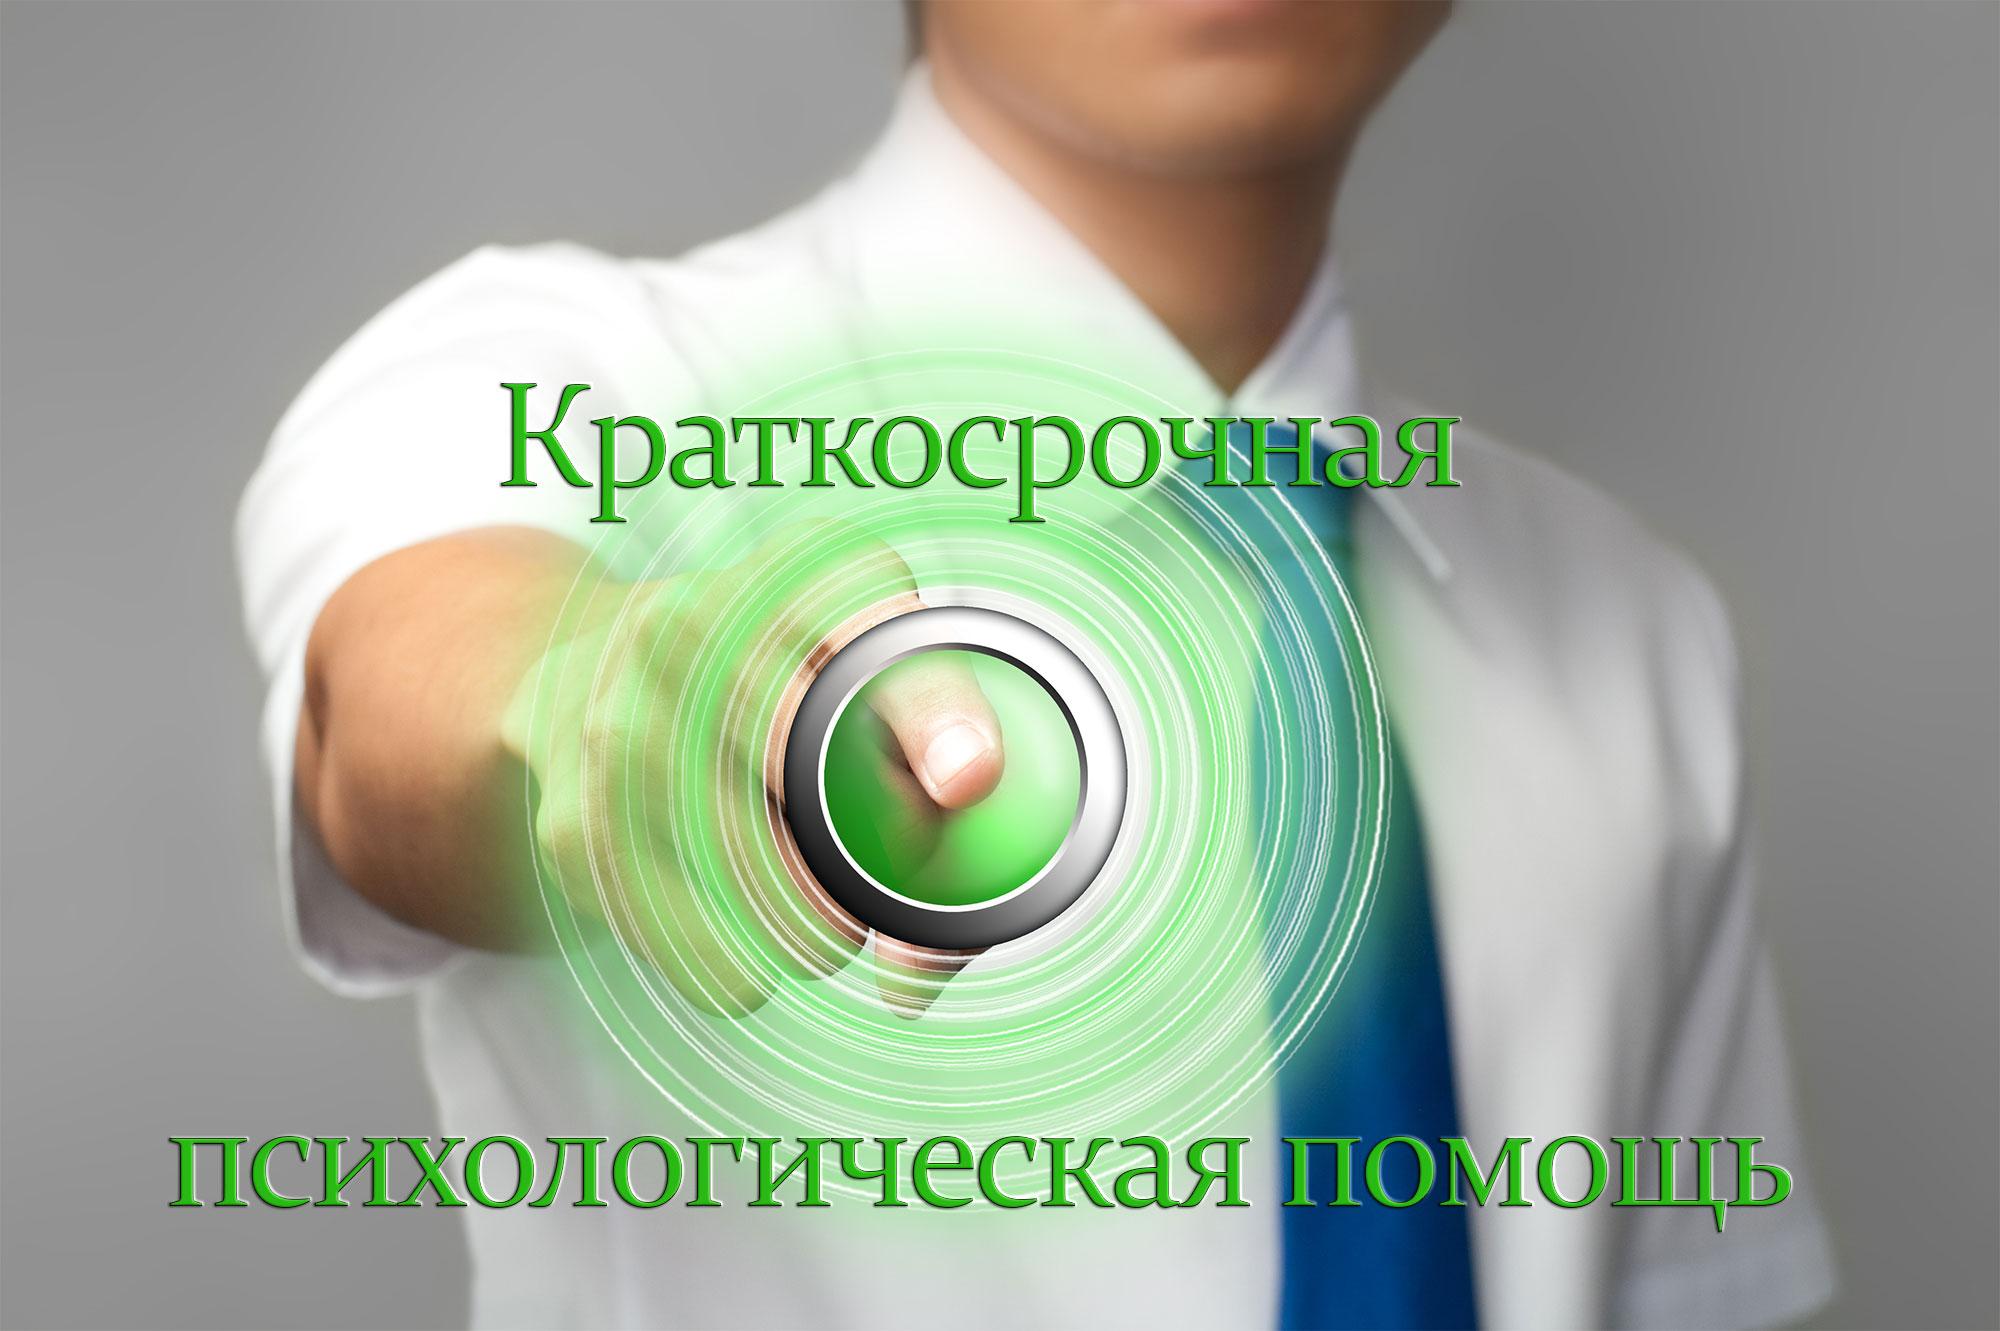 http://psyholog.biz/wp-content/uploads/2017/09/kpk.jpg